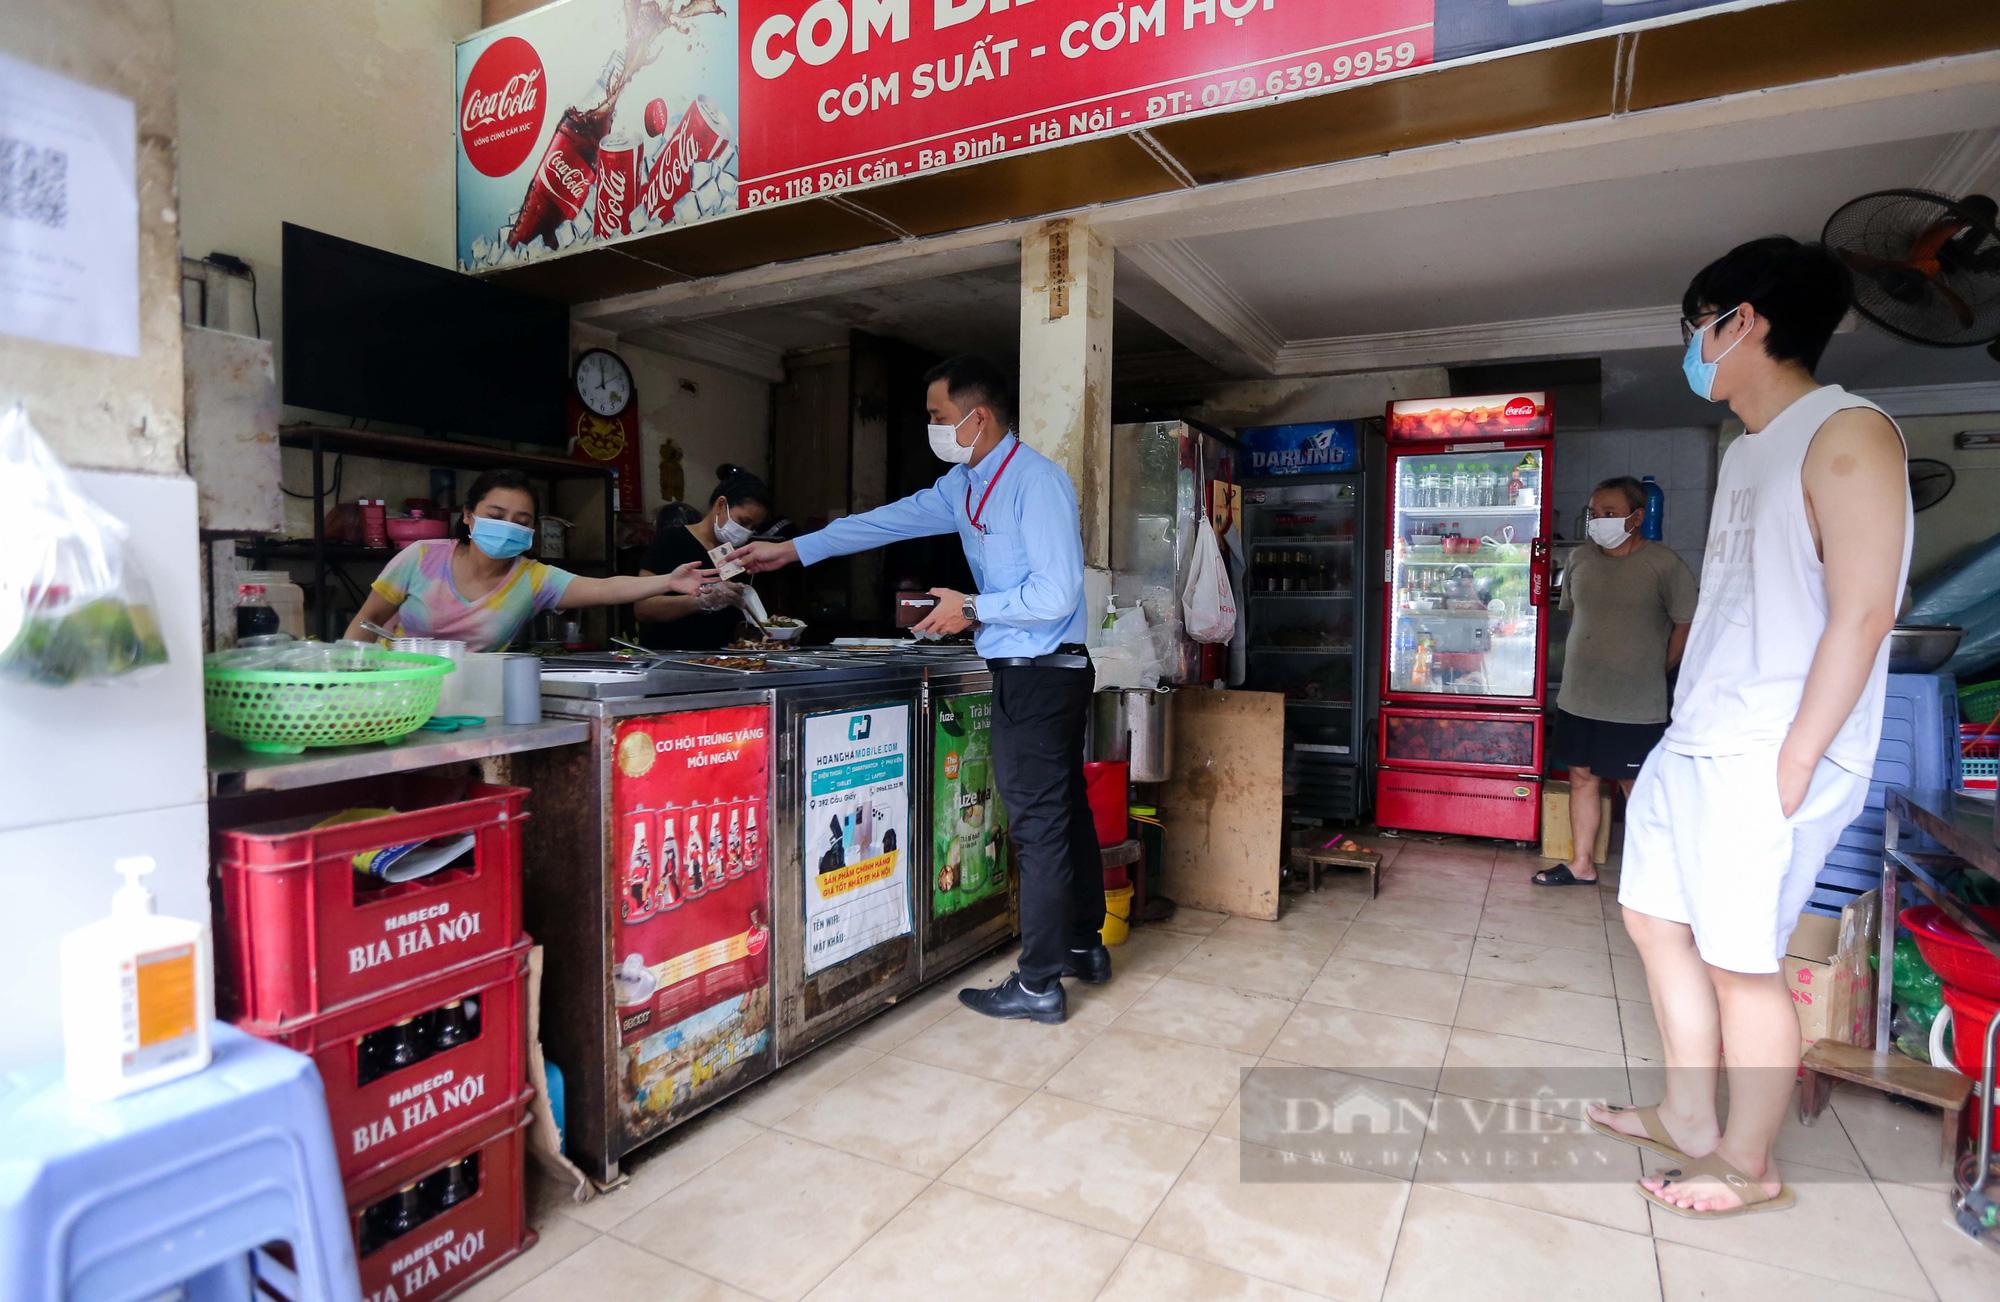 Lượng khách ít ỏi tại các cửa hàng trong ngày đầu bán hàng mang về  - Ảnh 4.